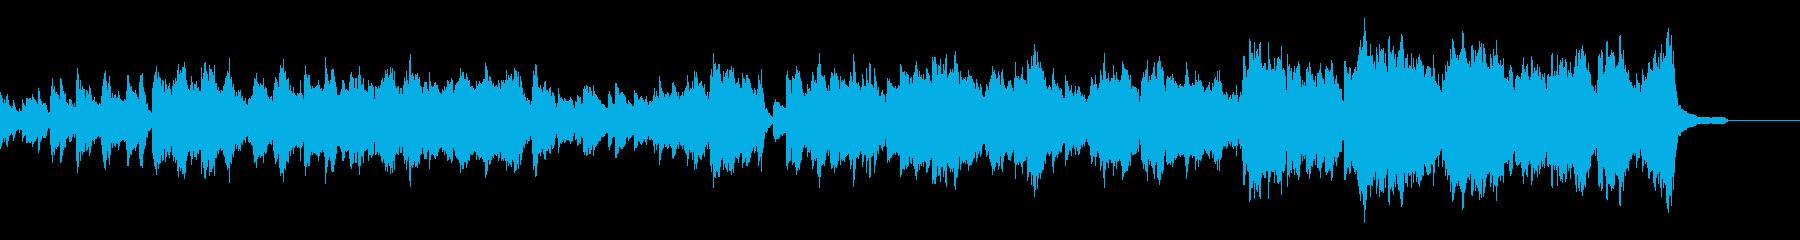 感動的な劇伴ミュージックです。の再生済みの波形